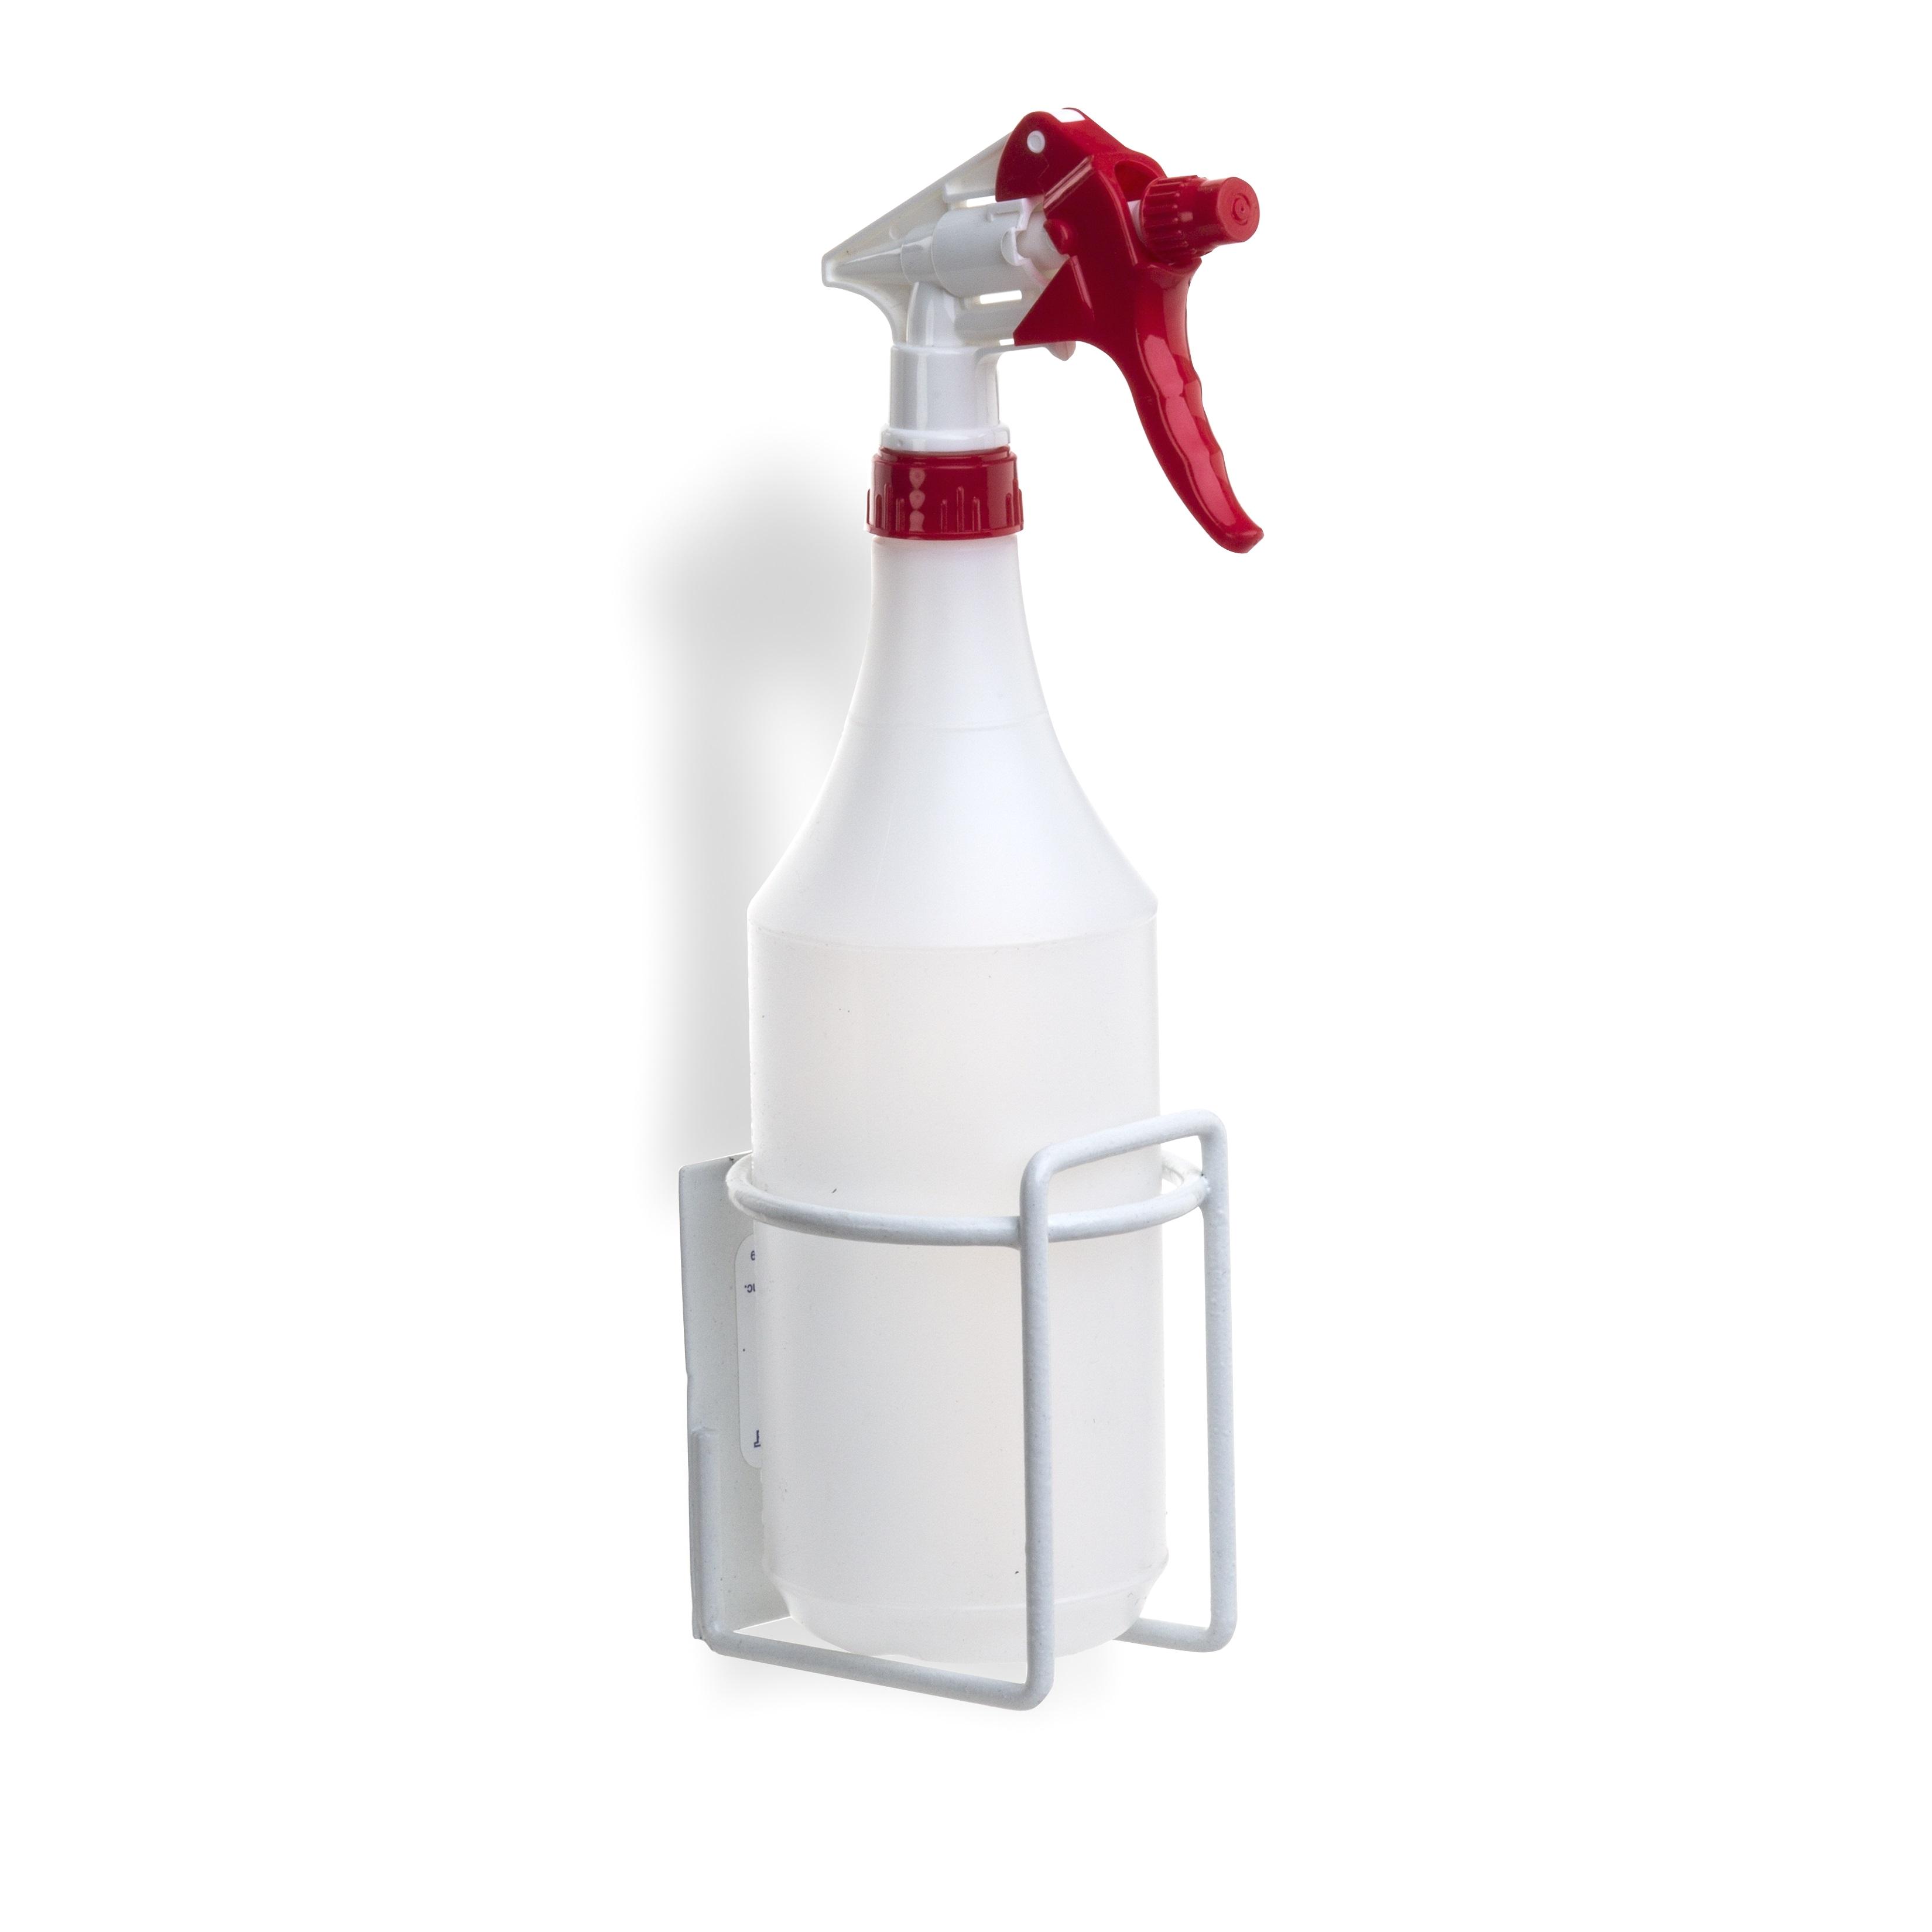 Spray Bottle Rack Small Bottle Rack Holds Trigger Spray Bottles Plunger Spray